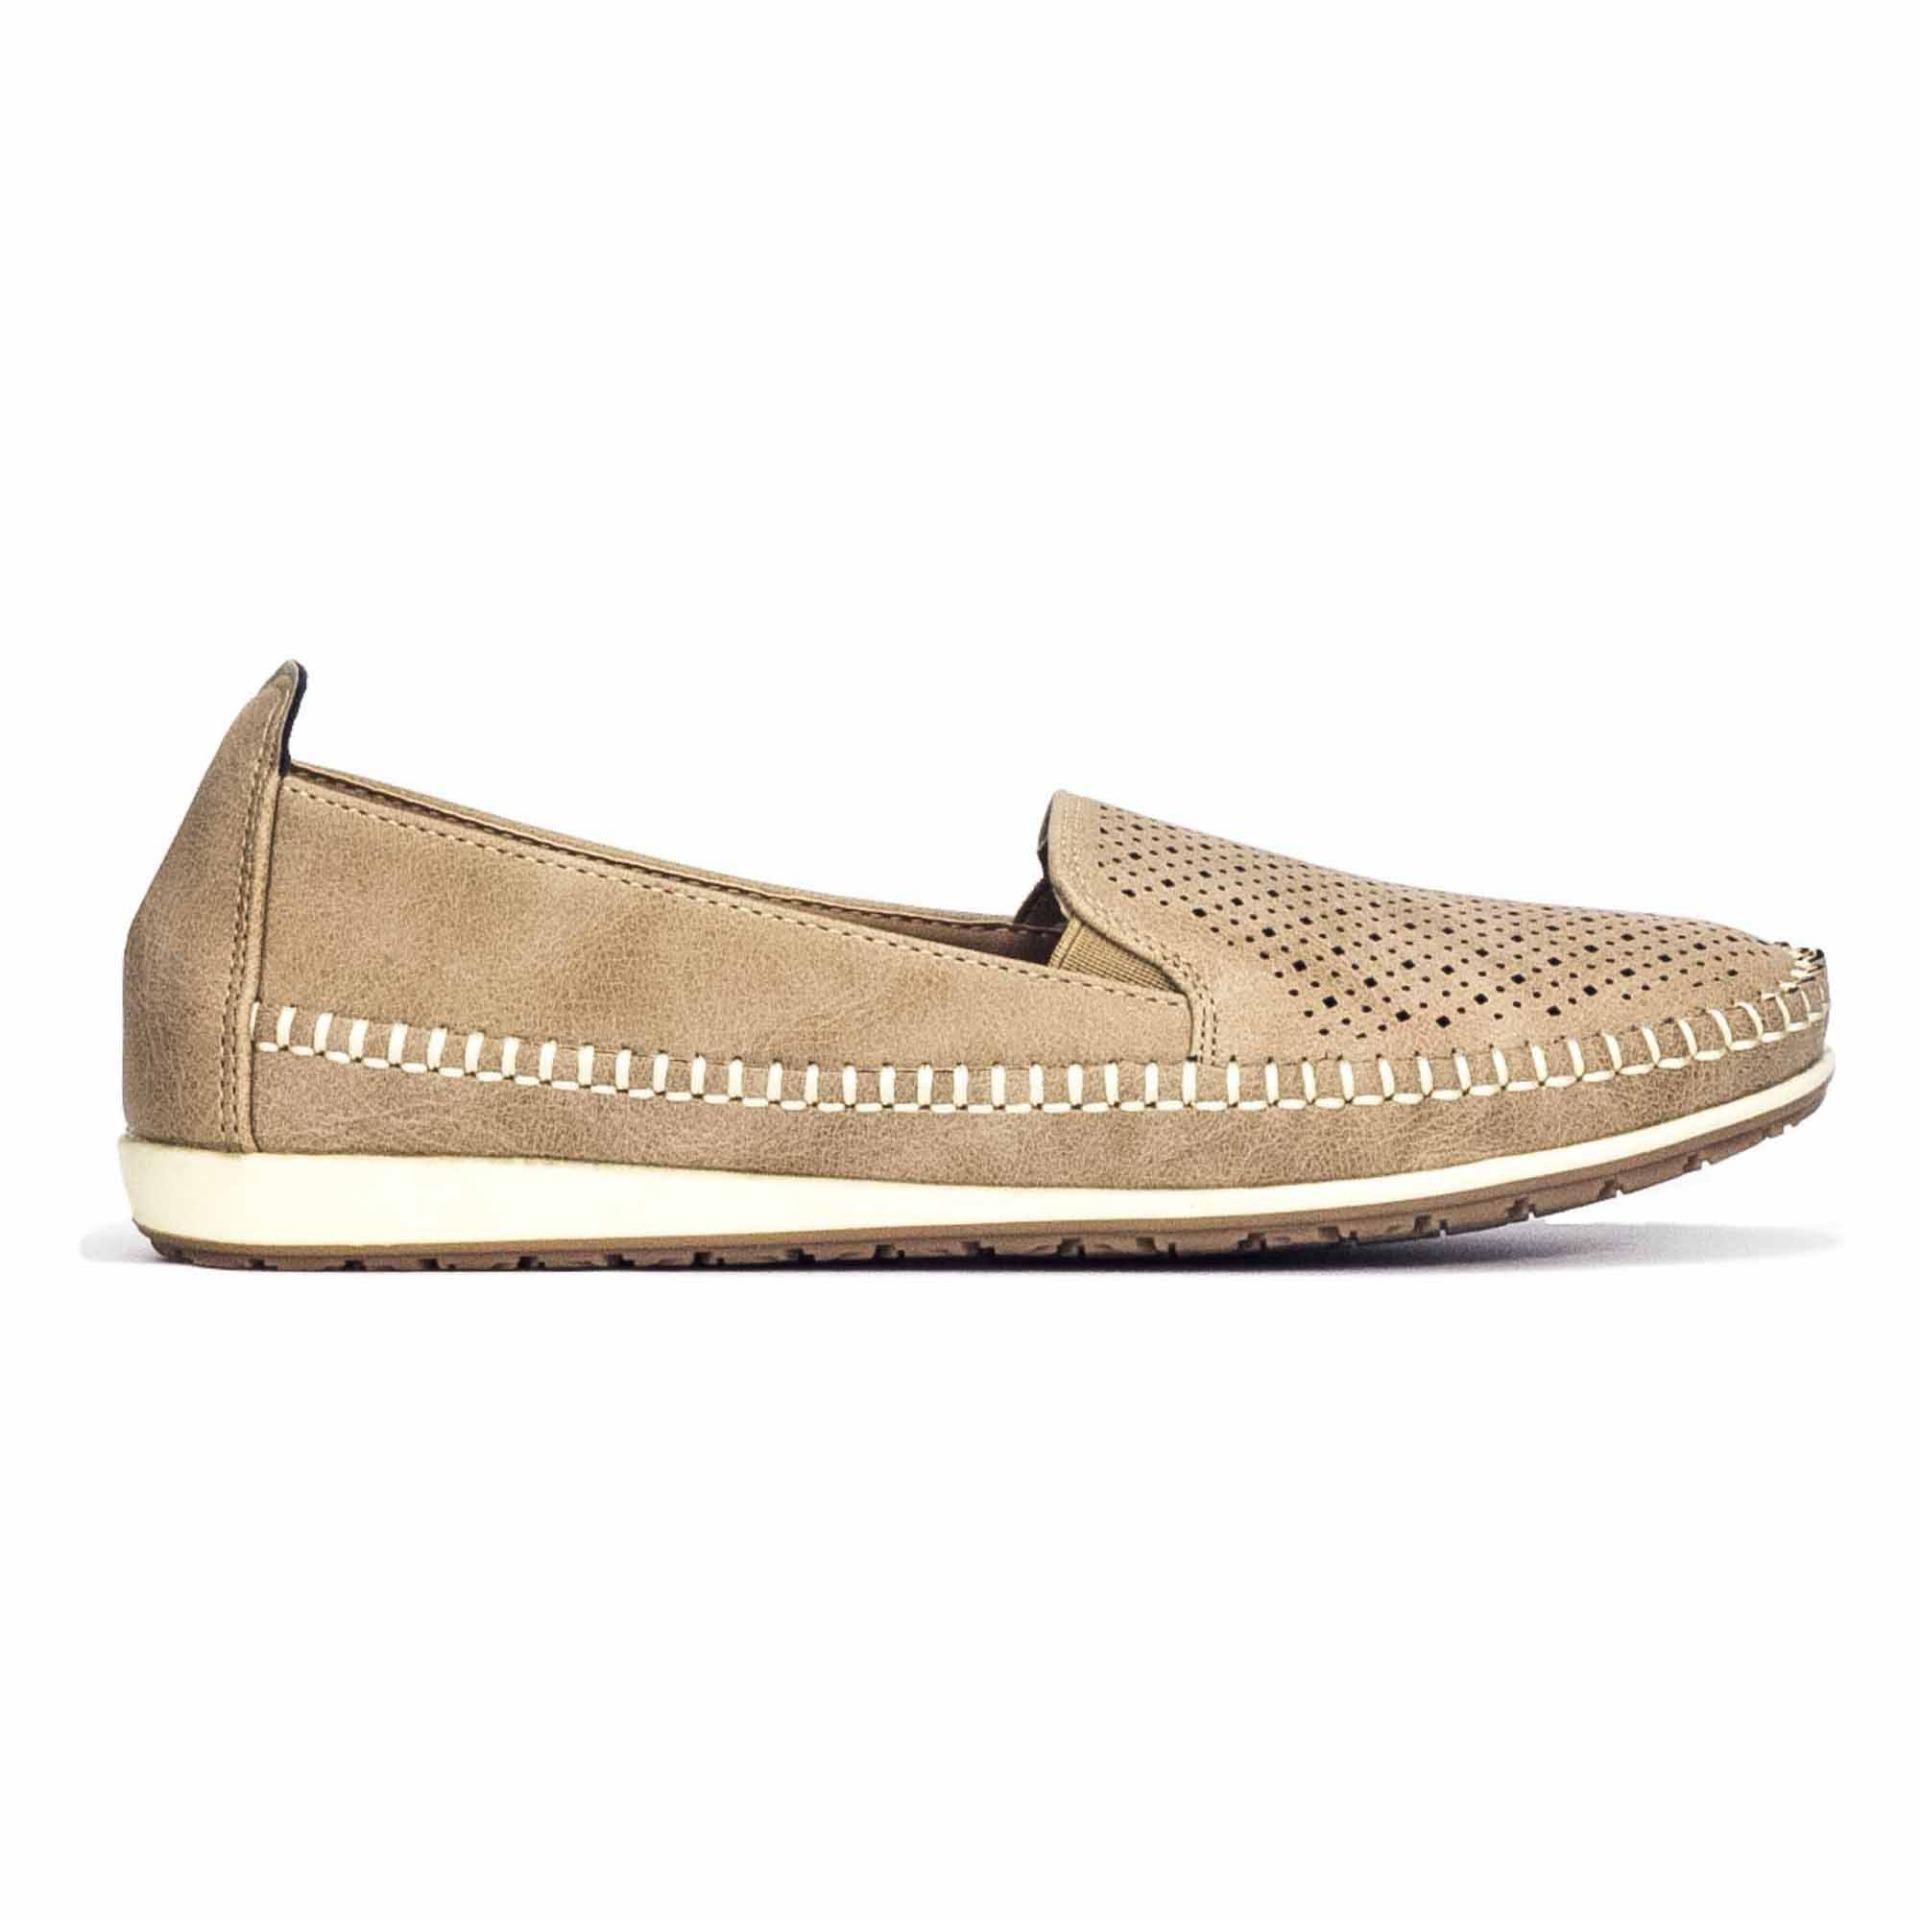 Buy Bata Ladies Slip On Sand 5518106